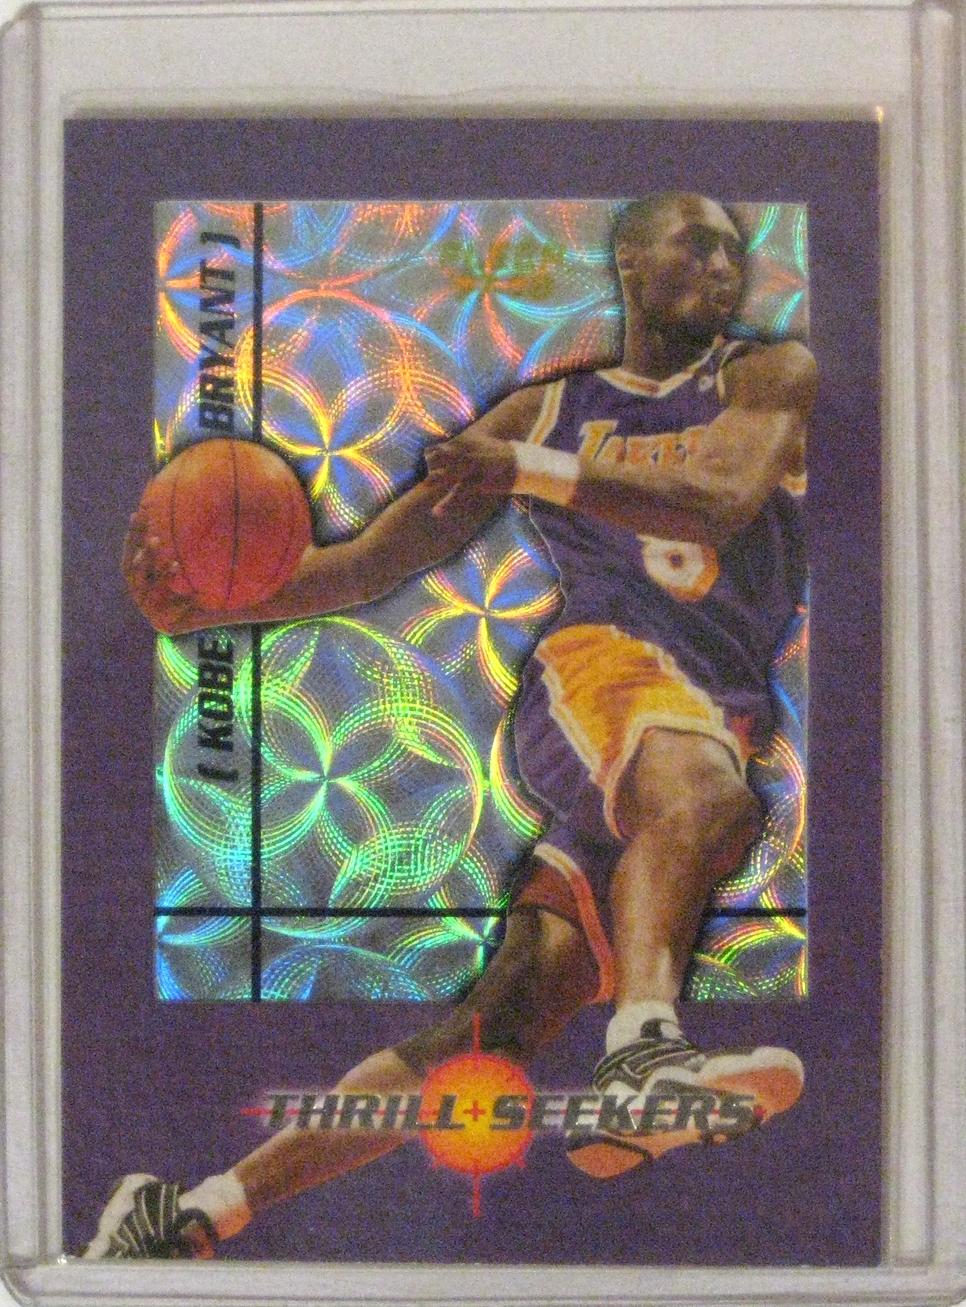 1997-98 Fleer Thrill Seekers Kobe Bryant.